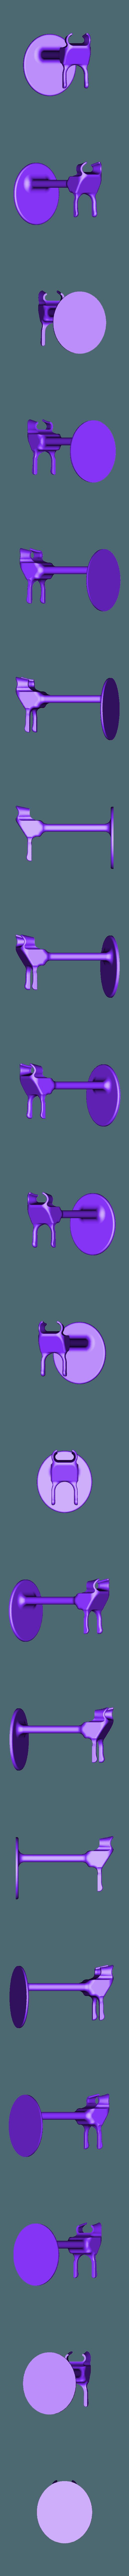 support rasoir V2.stl Télécharger fichier STL gratuit support rasoir et blaireau V2 • Modèle à imprimer en 3D, Cyborg